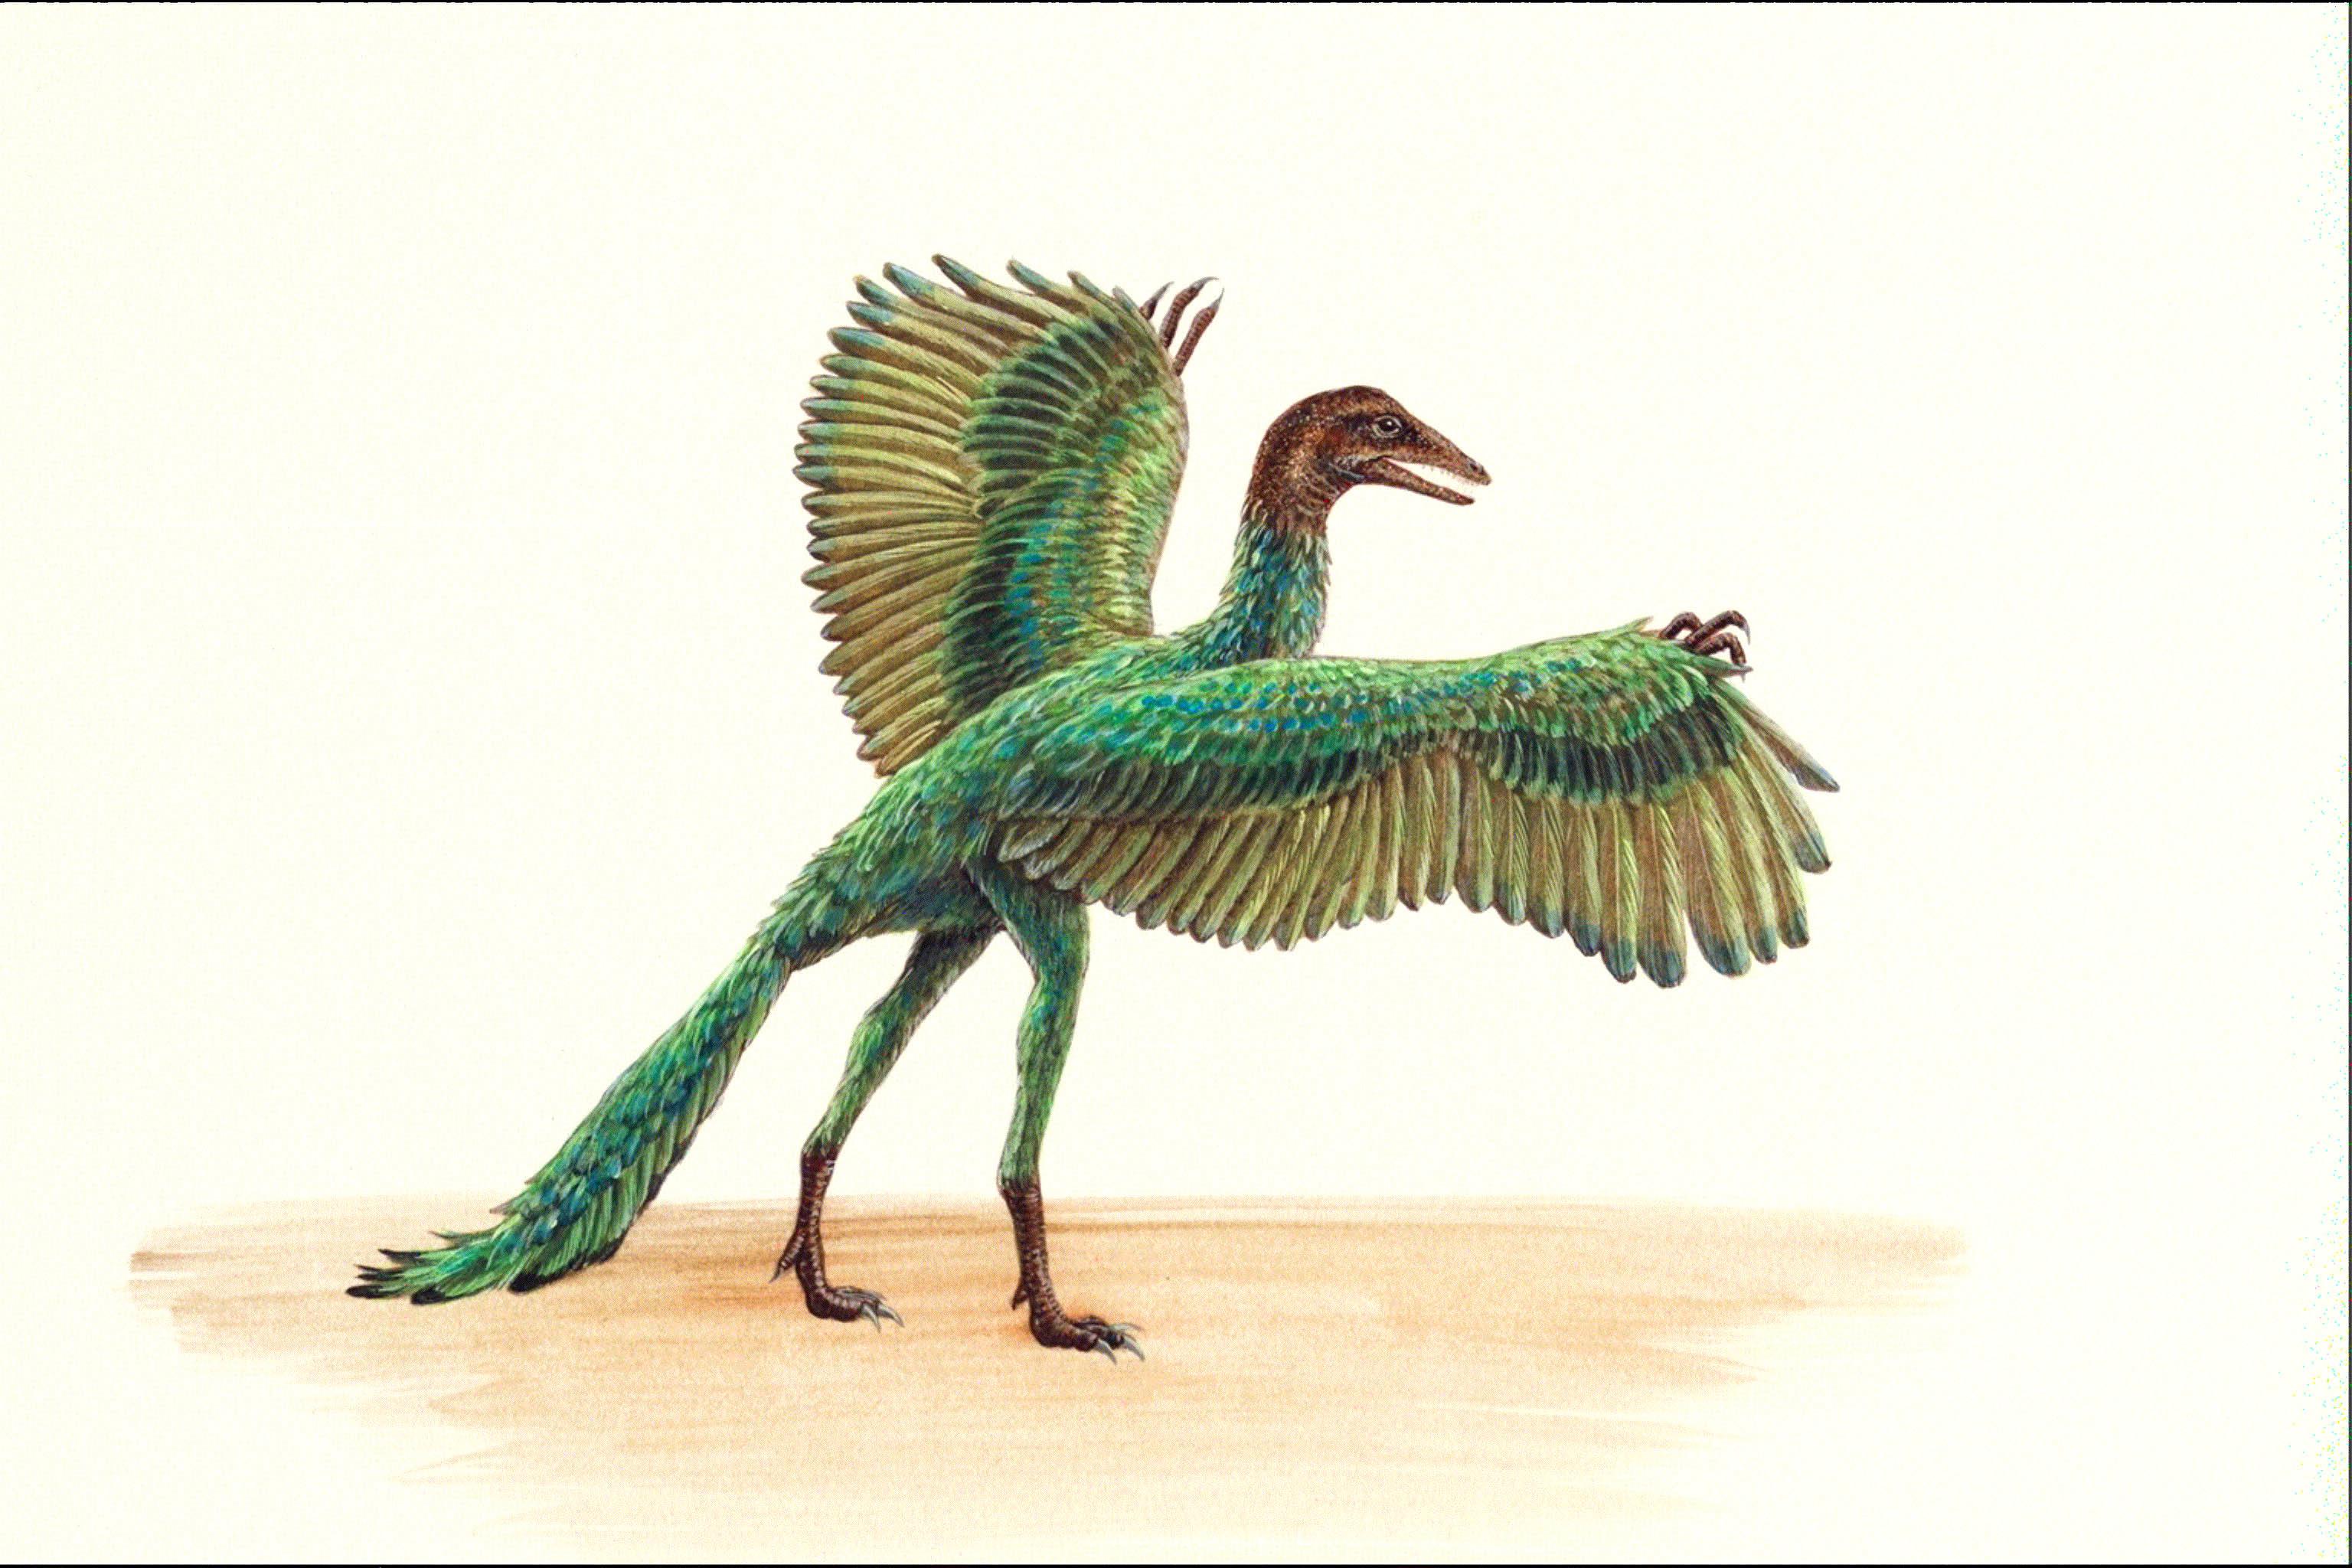 侏罗纪时代恐龙3d模型制作